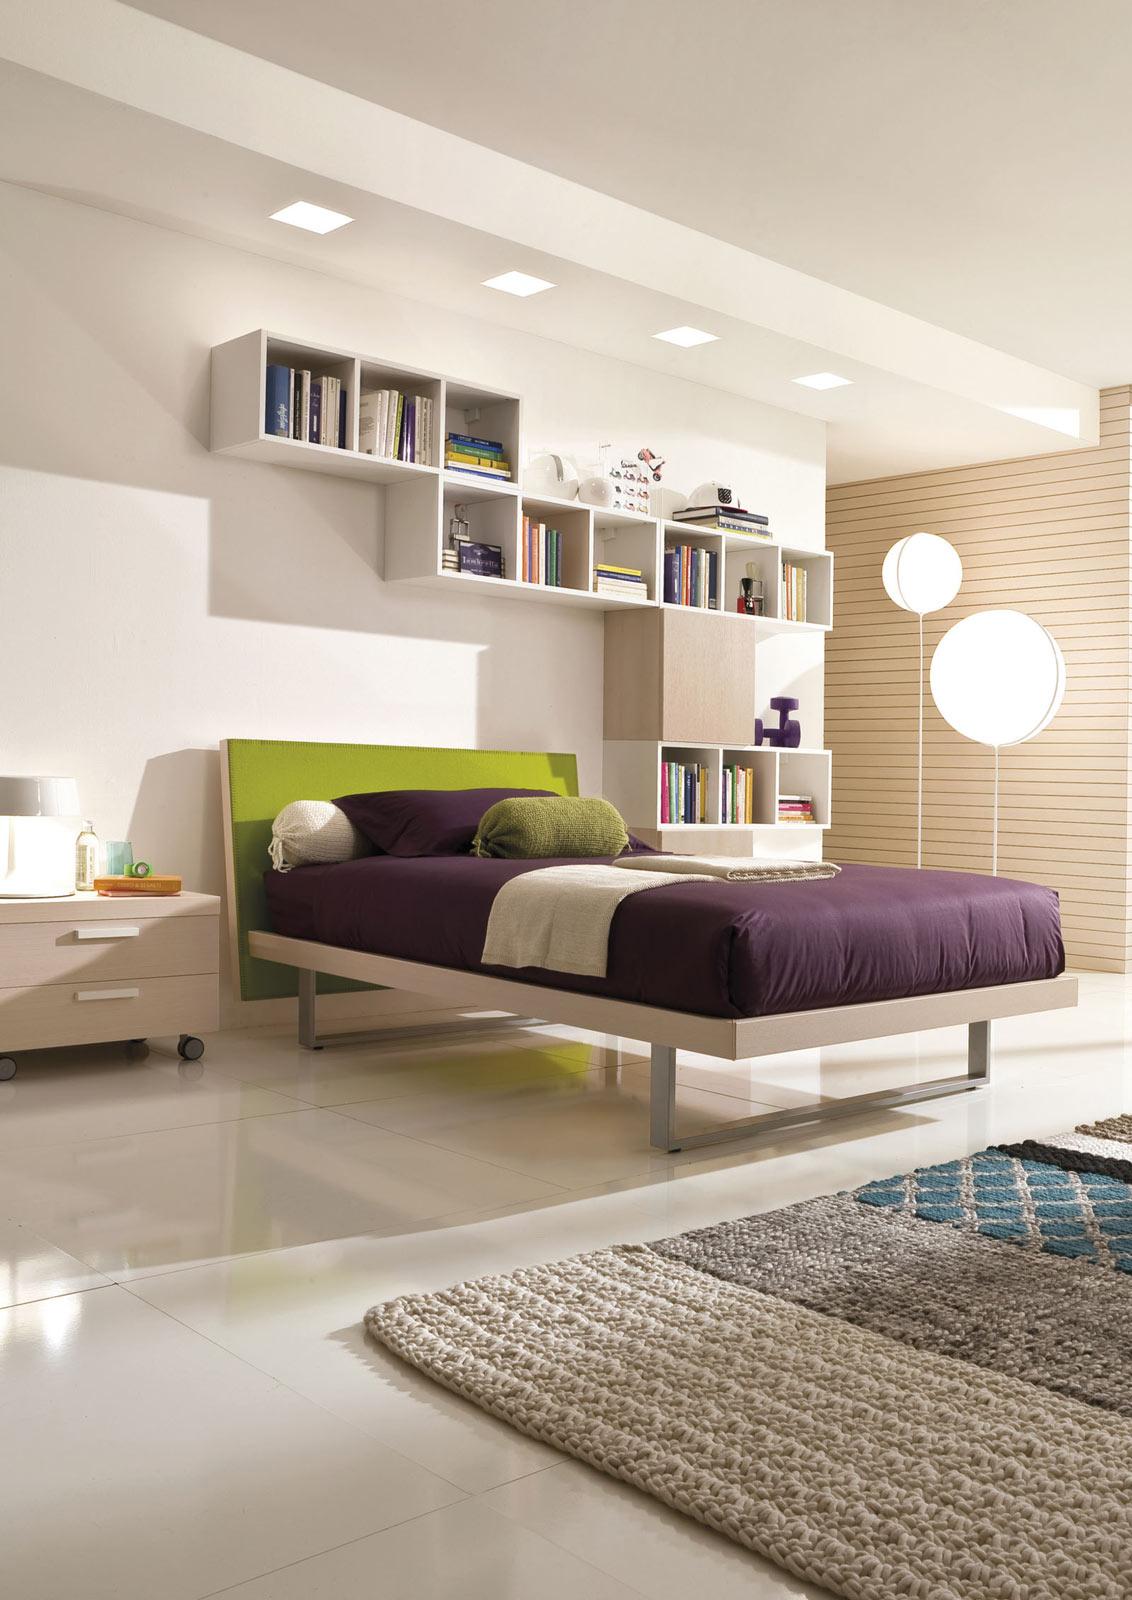 Bonetti camerette bonetti bedrooms camerette in legno for Camerette design ragazzi